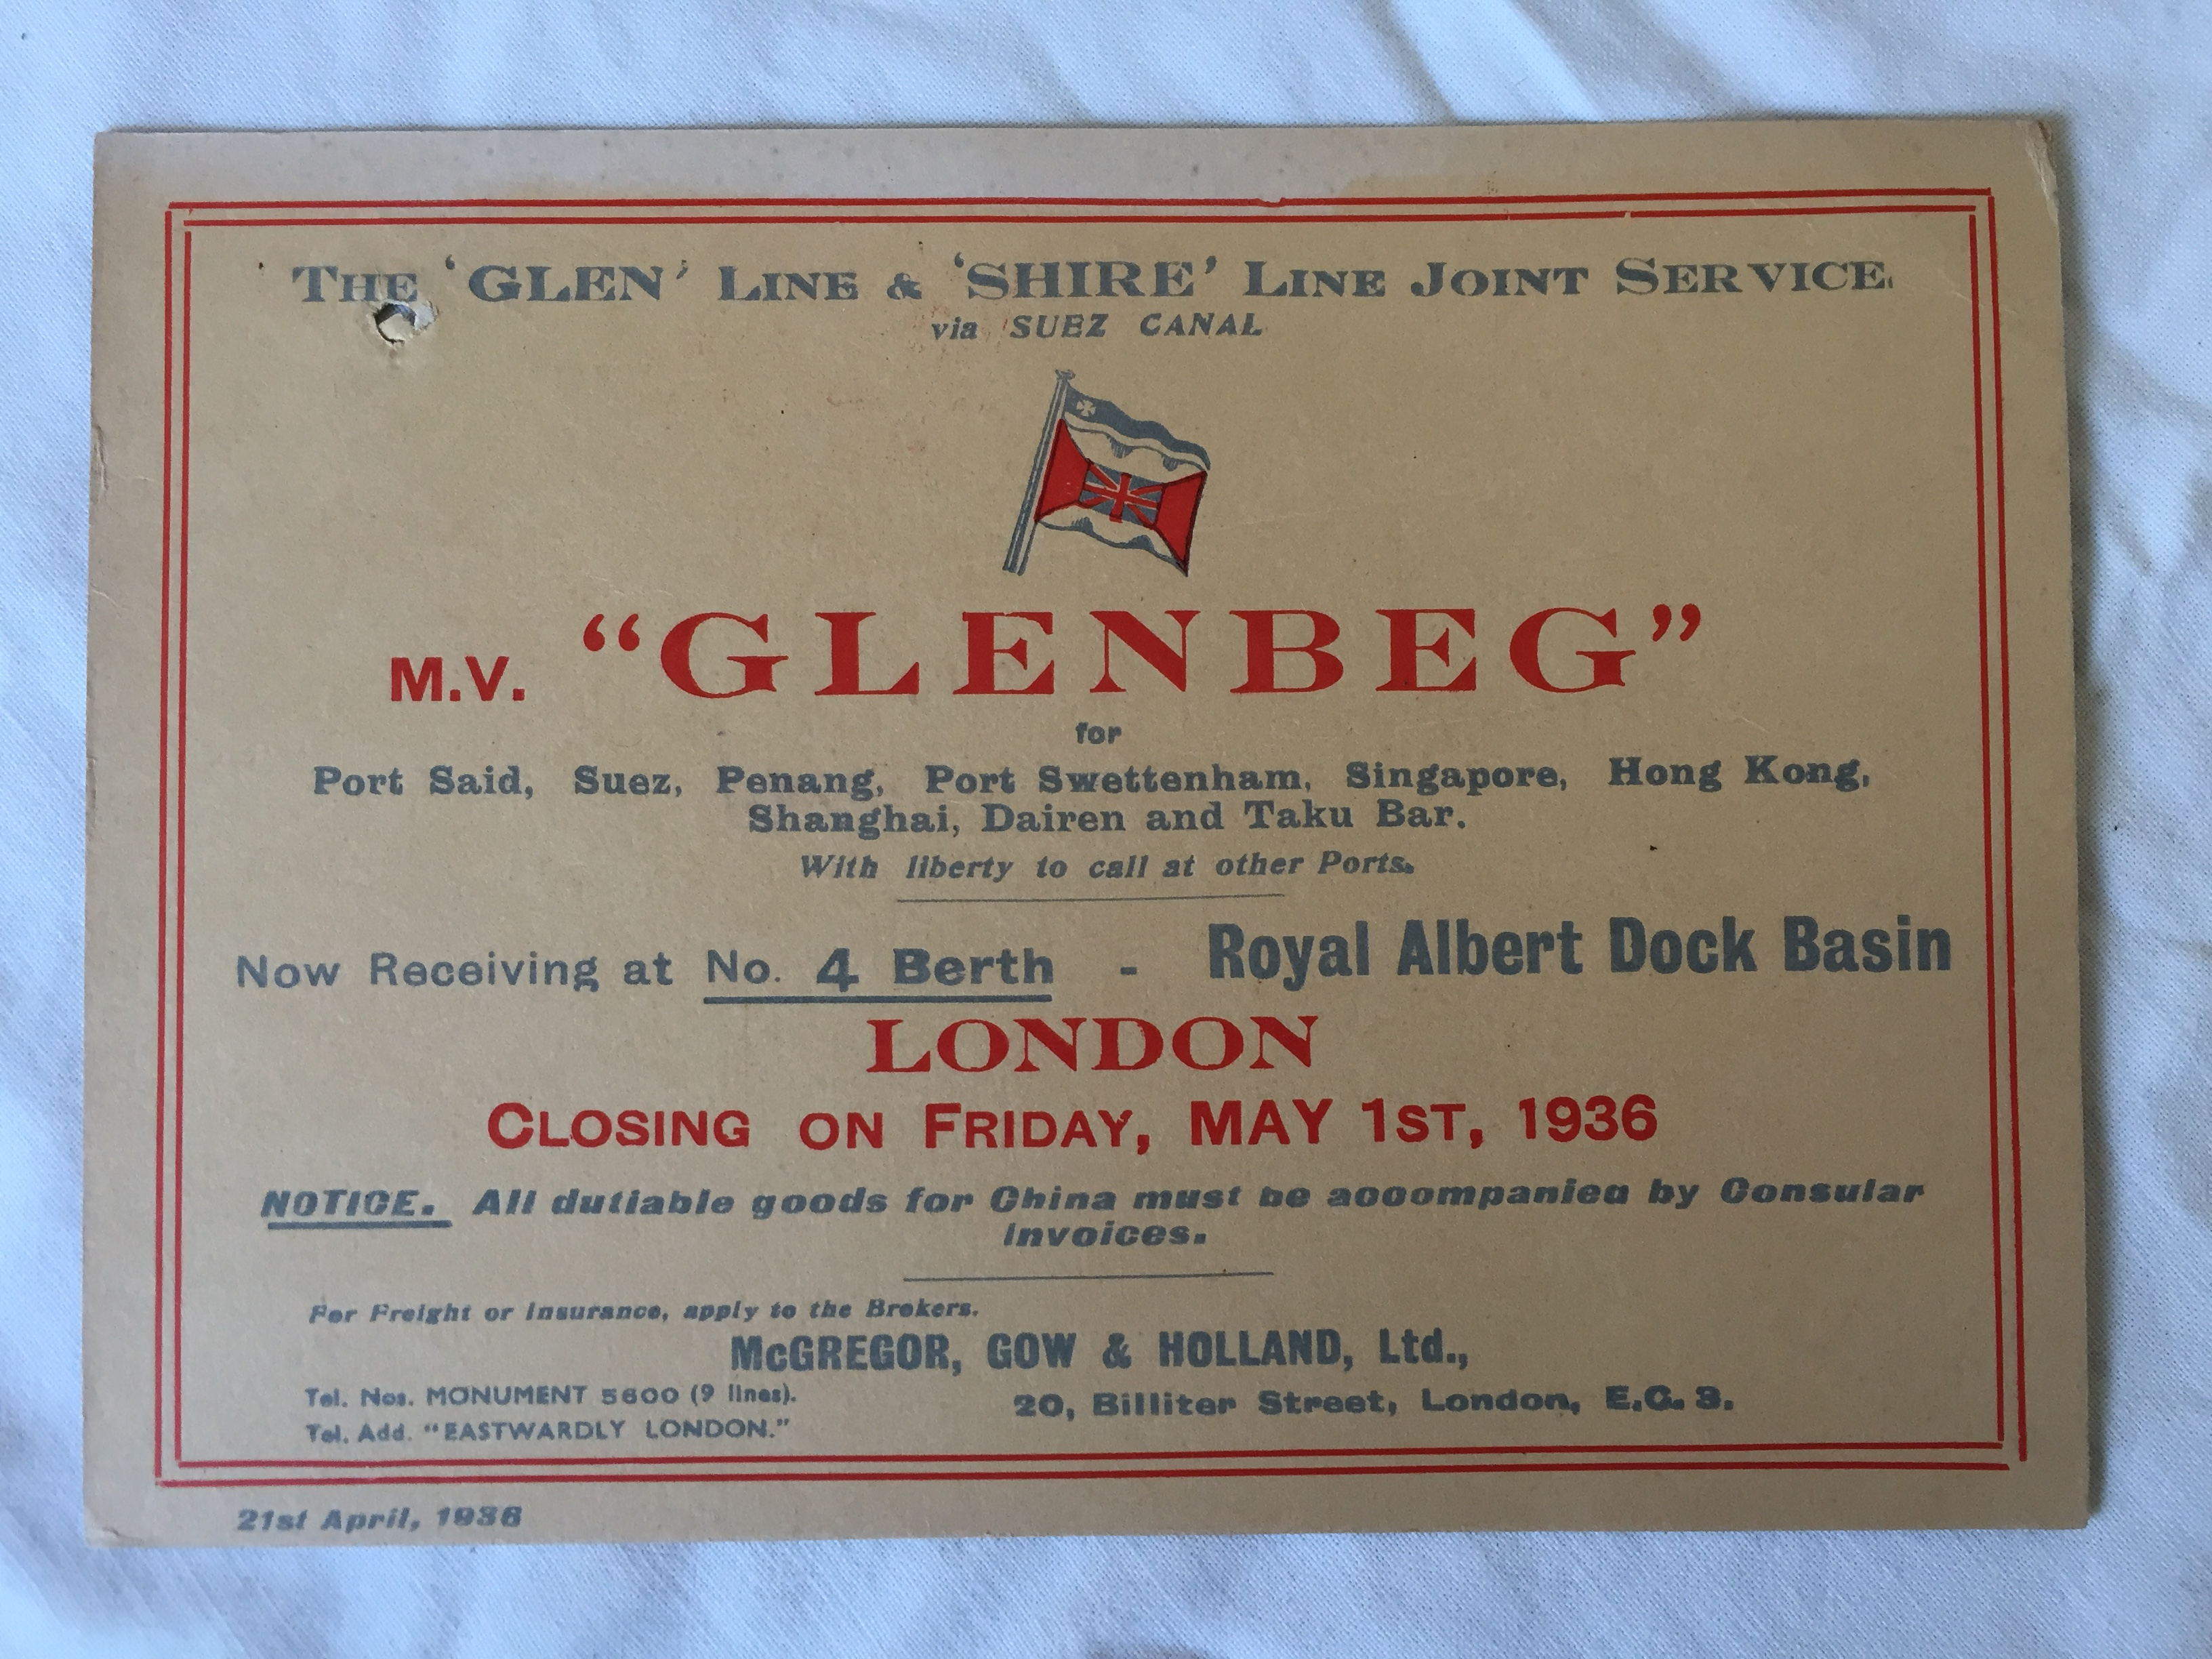 GLEN LINE 1936 SHIPS SAILING NOTICE CARD FOR THE VESSEL THE MV GLENBEG